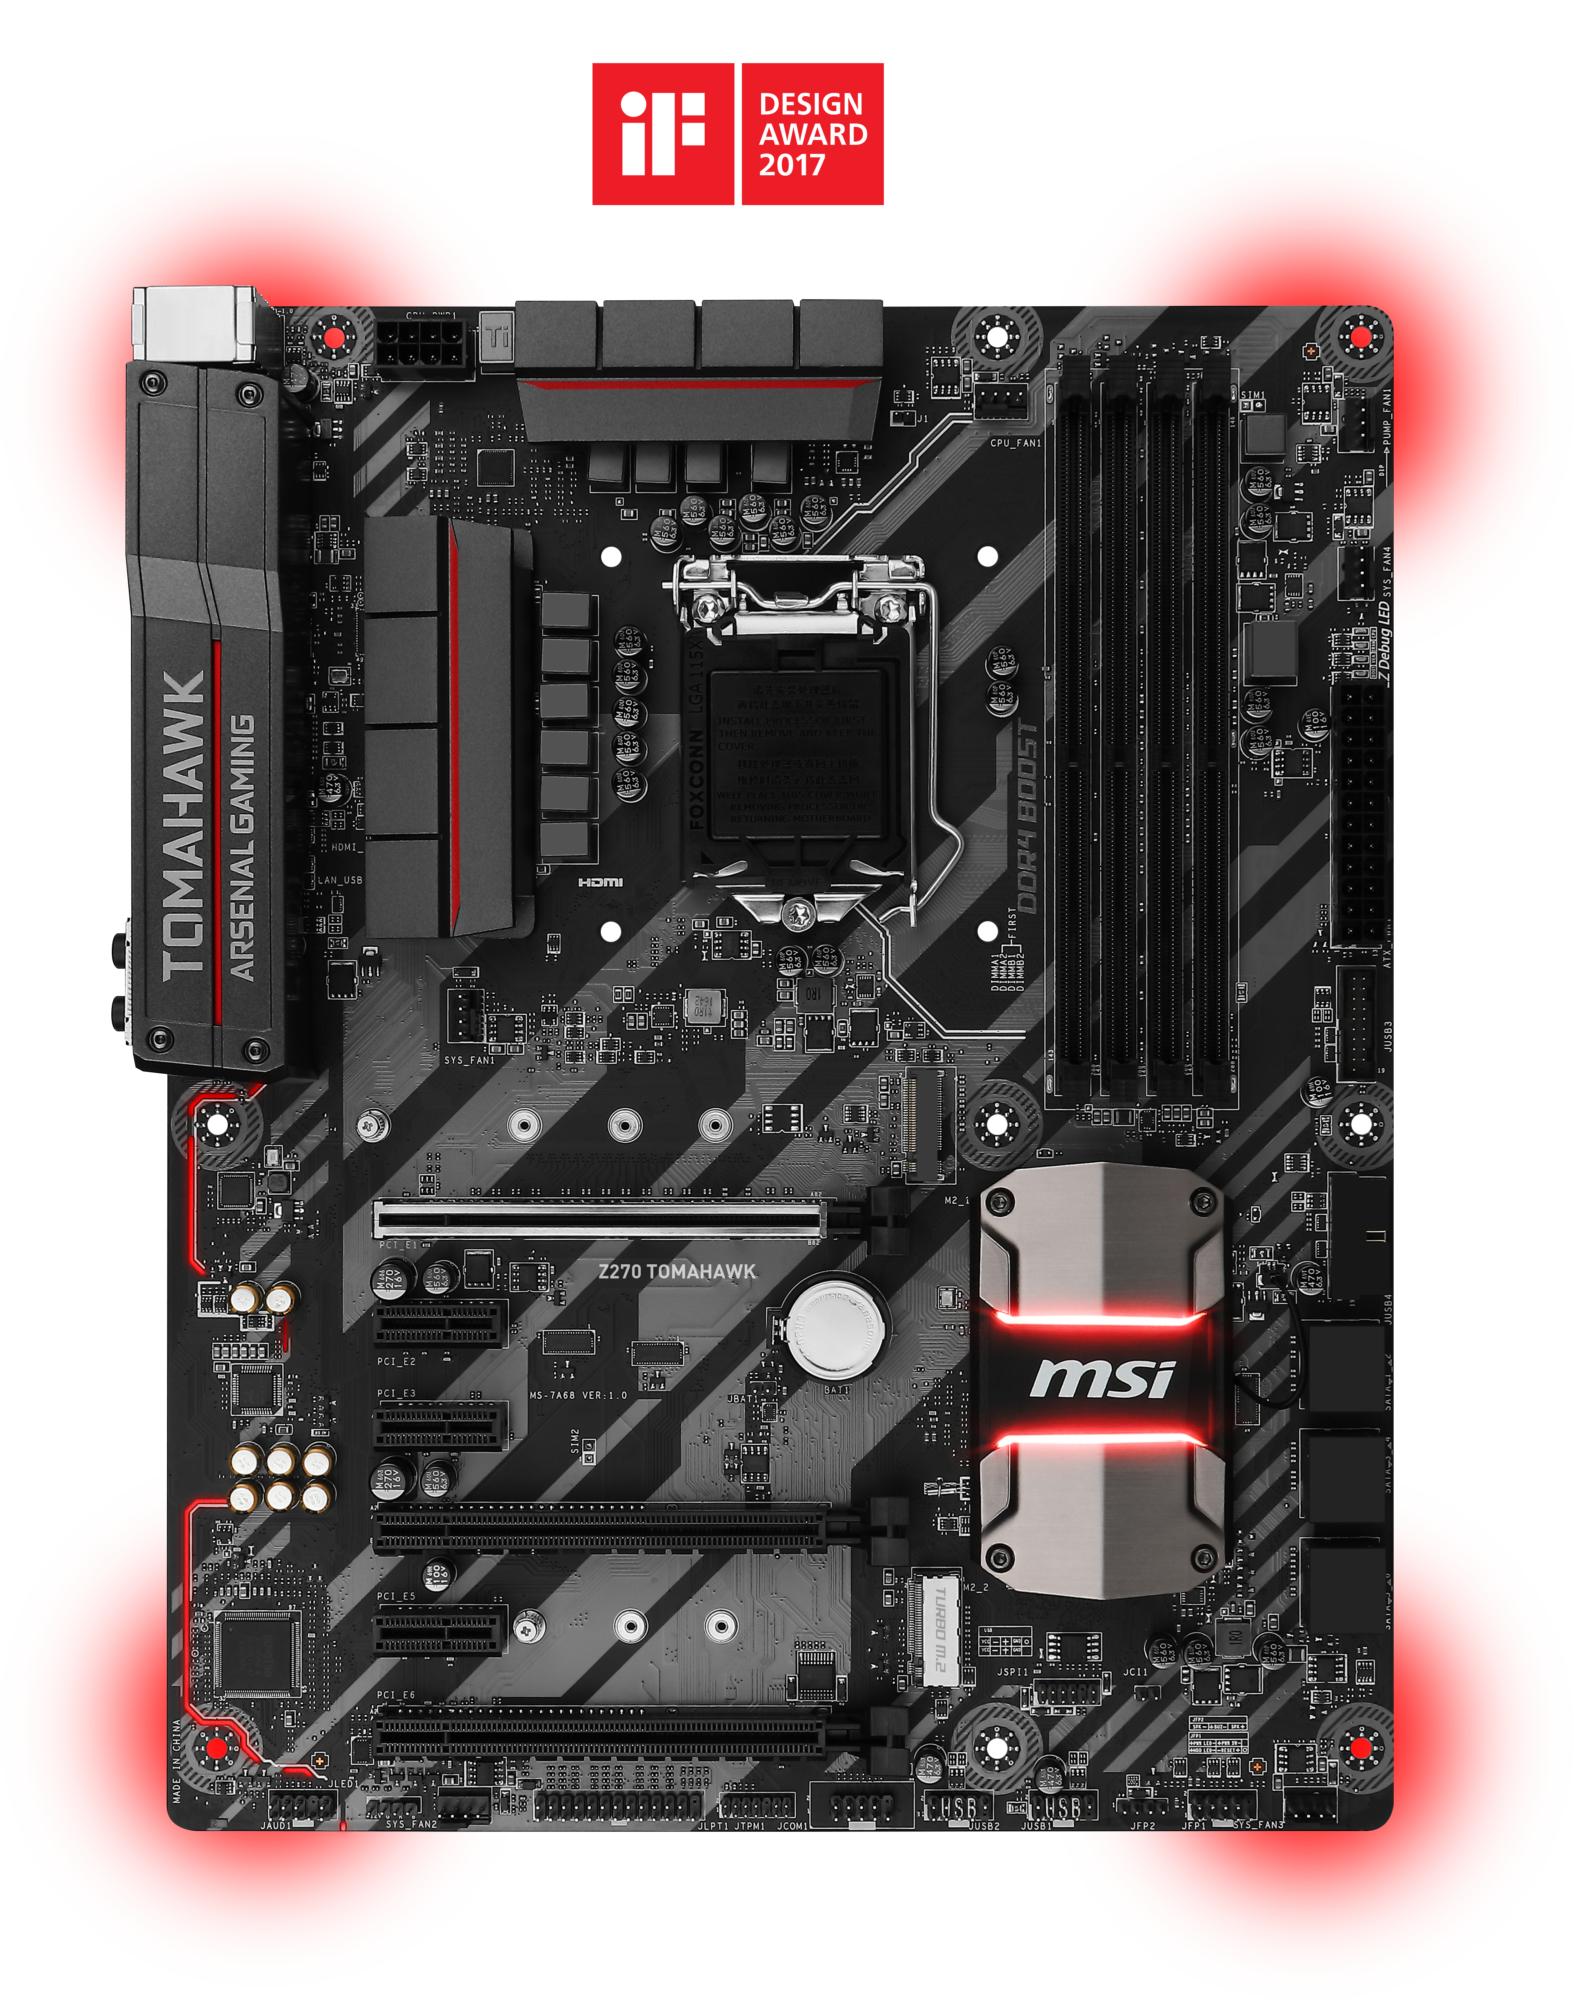 BENIIPOWA GAMING PC